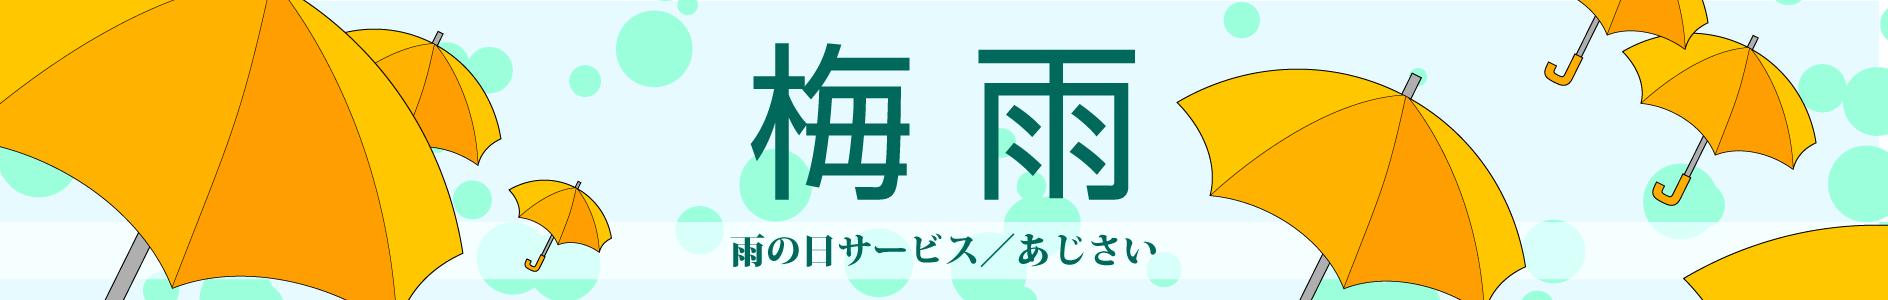 梅雨(雨の日)特集